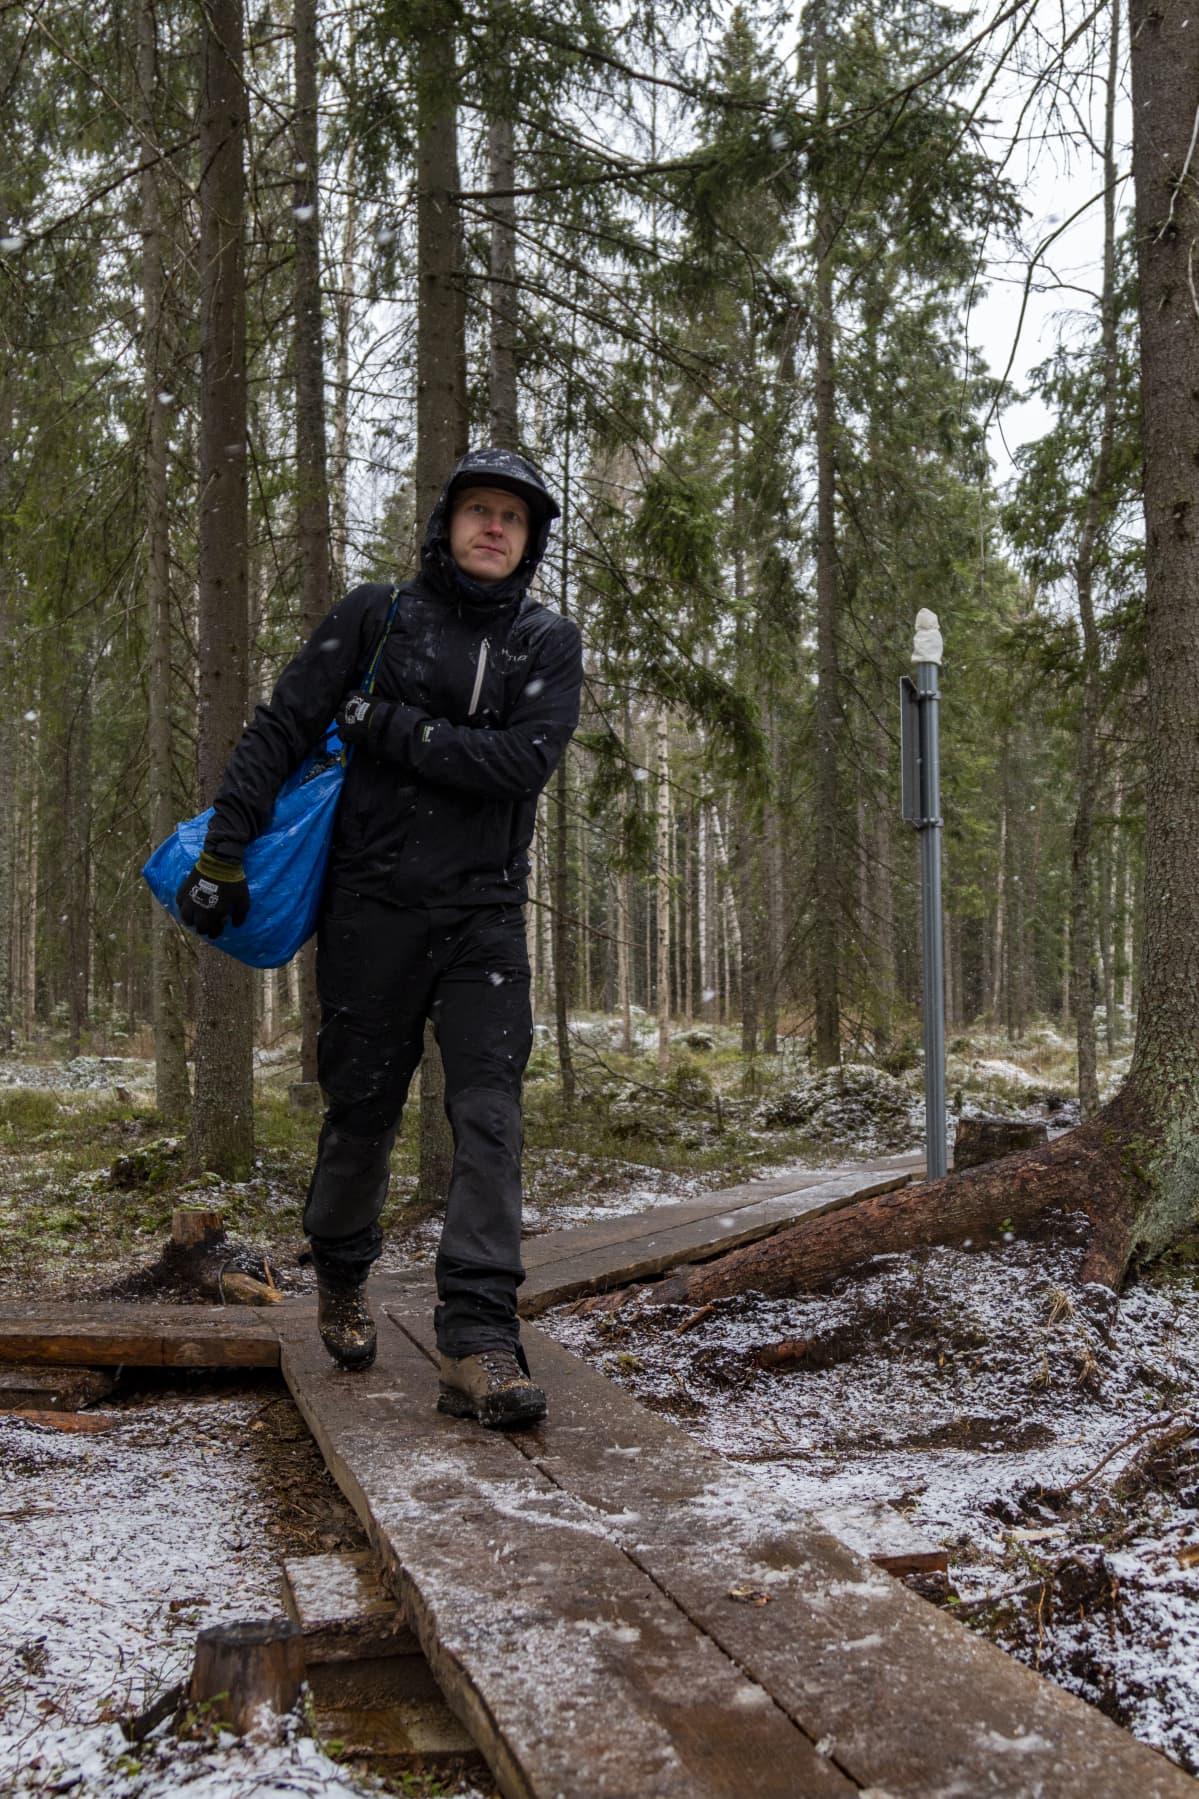 Vuoreksen asukasyhdistyksen Pyry Rinkinen viemässä haketta polulle